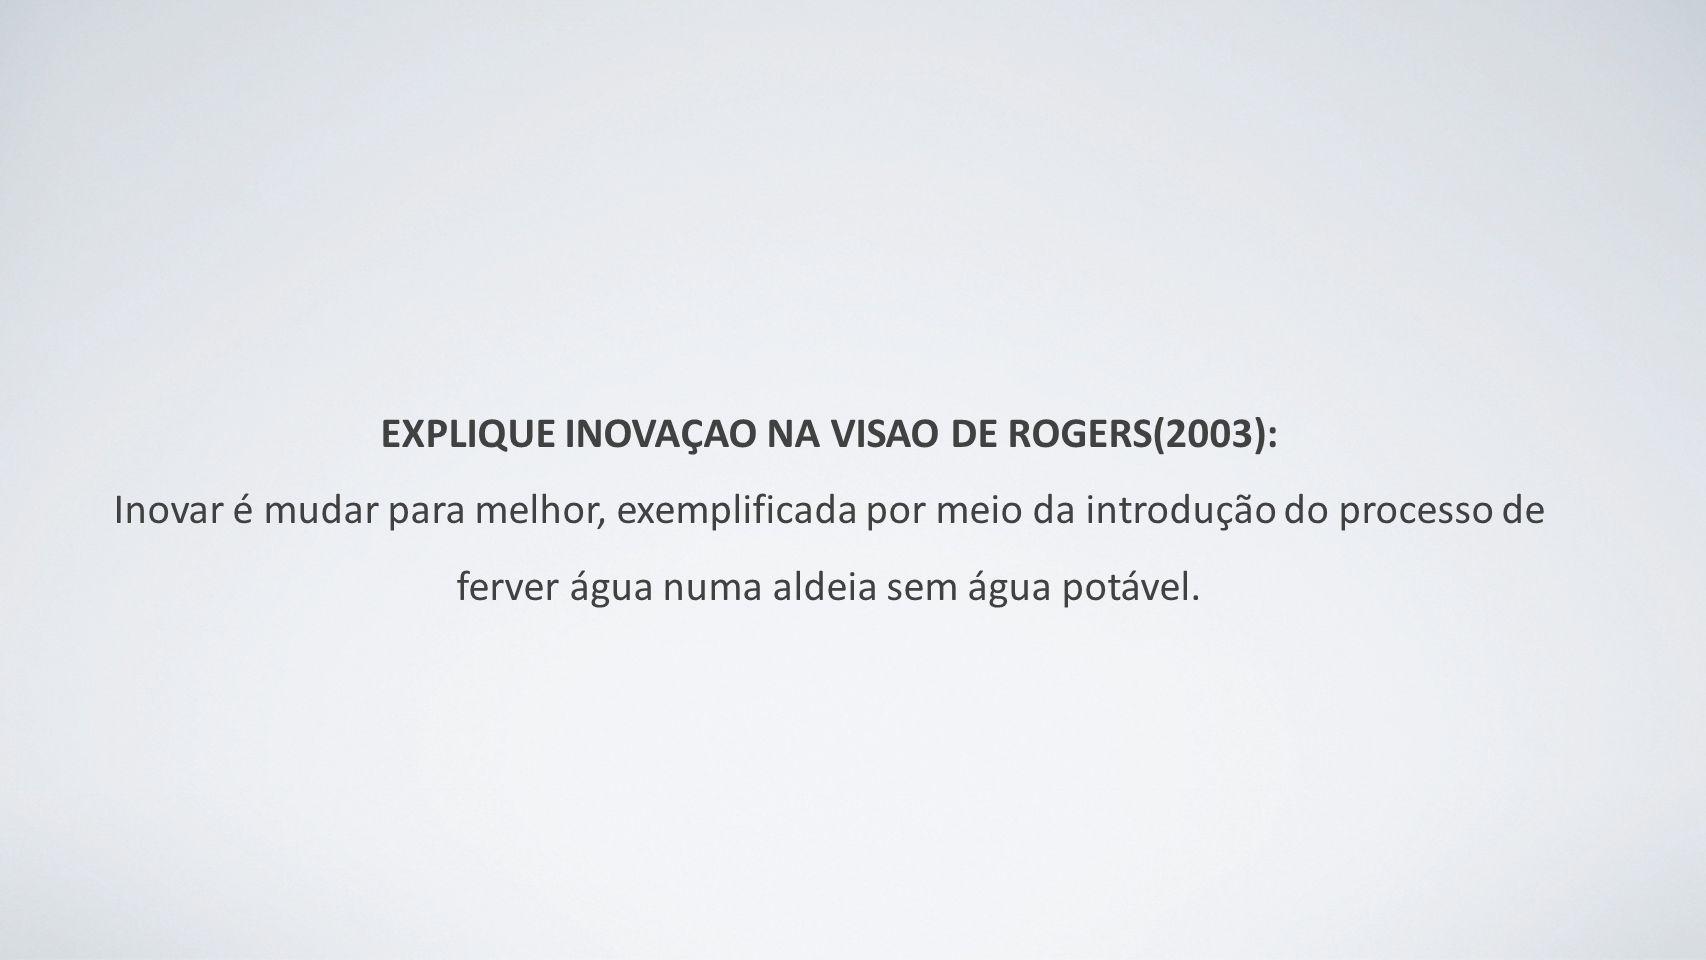 EXPLIQUE INOVAÇAO NA VISAO DE ROGERS(2003): Inovar é mudar para melhor, exemplificada por meio da introdução do processo de ferver água numa aldeia sem água potável.